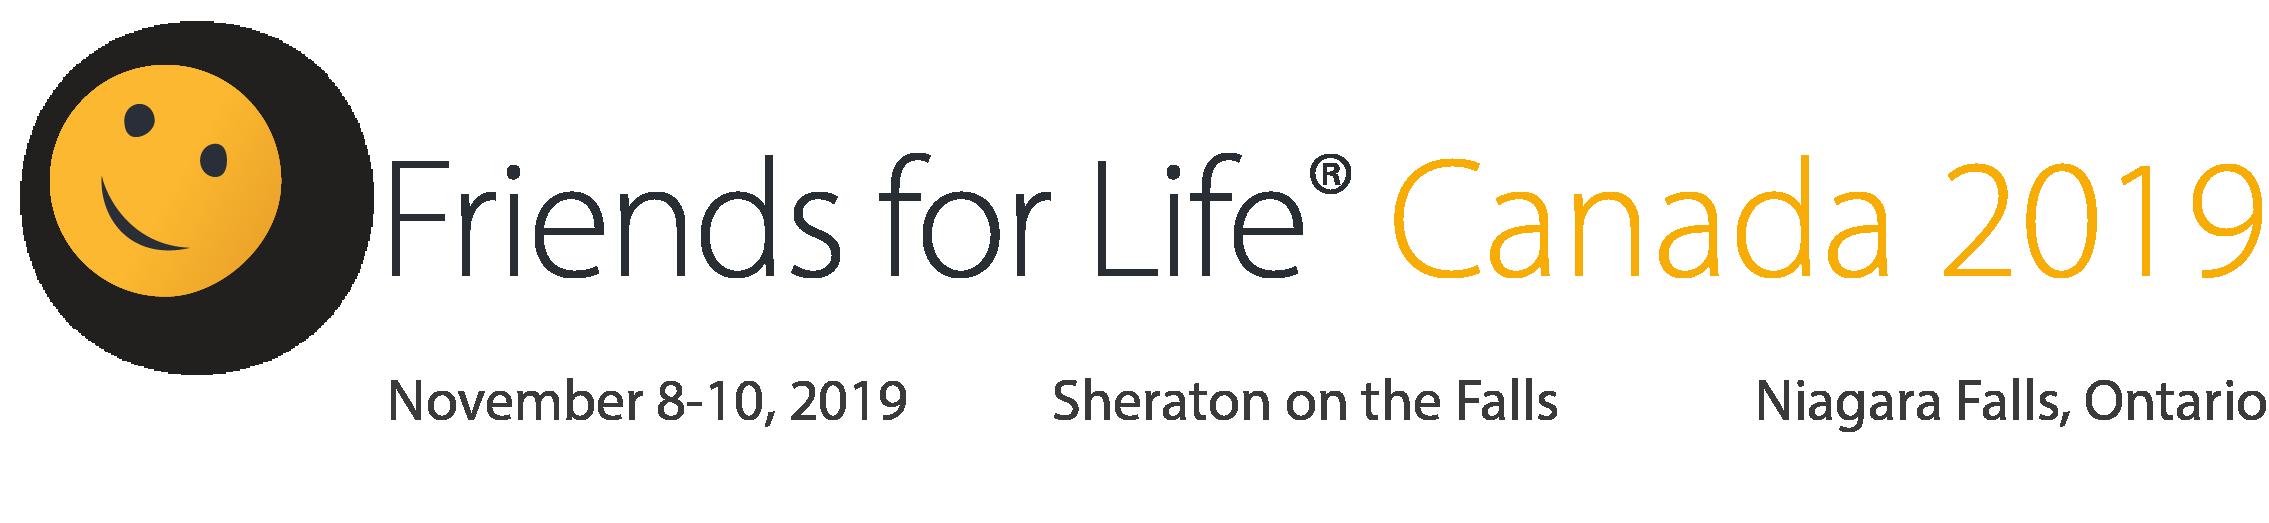 CWD FFL Canada 2019 Logo Horizontal